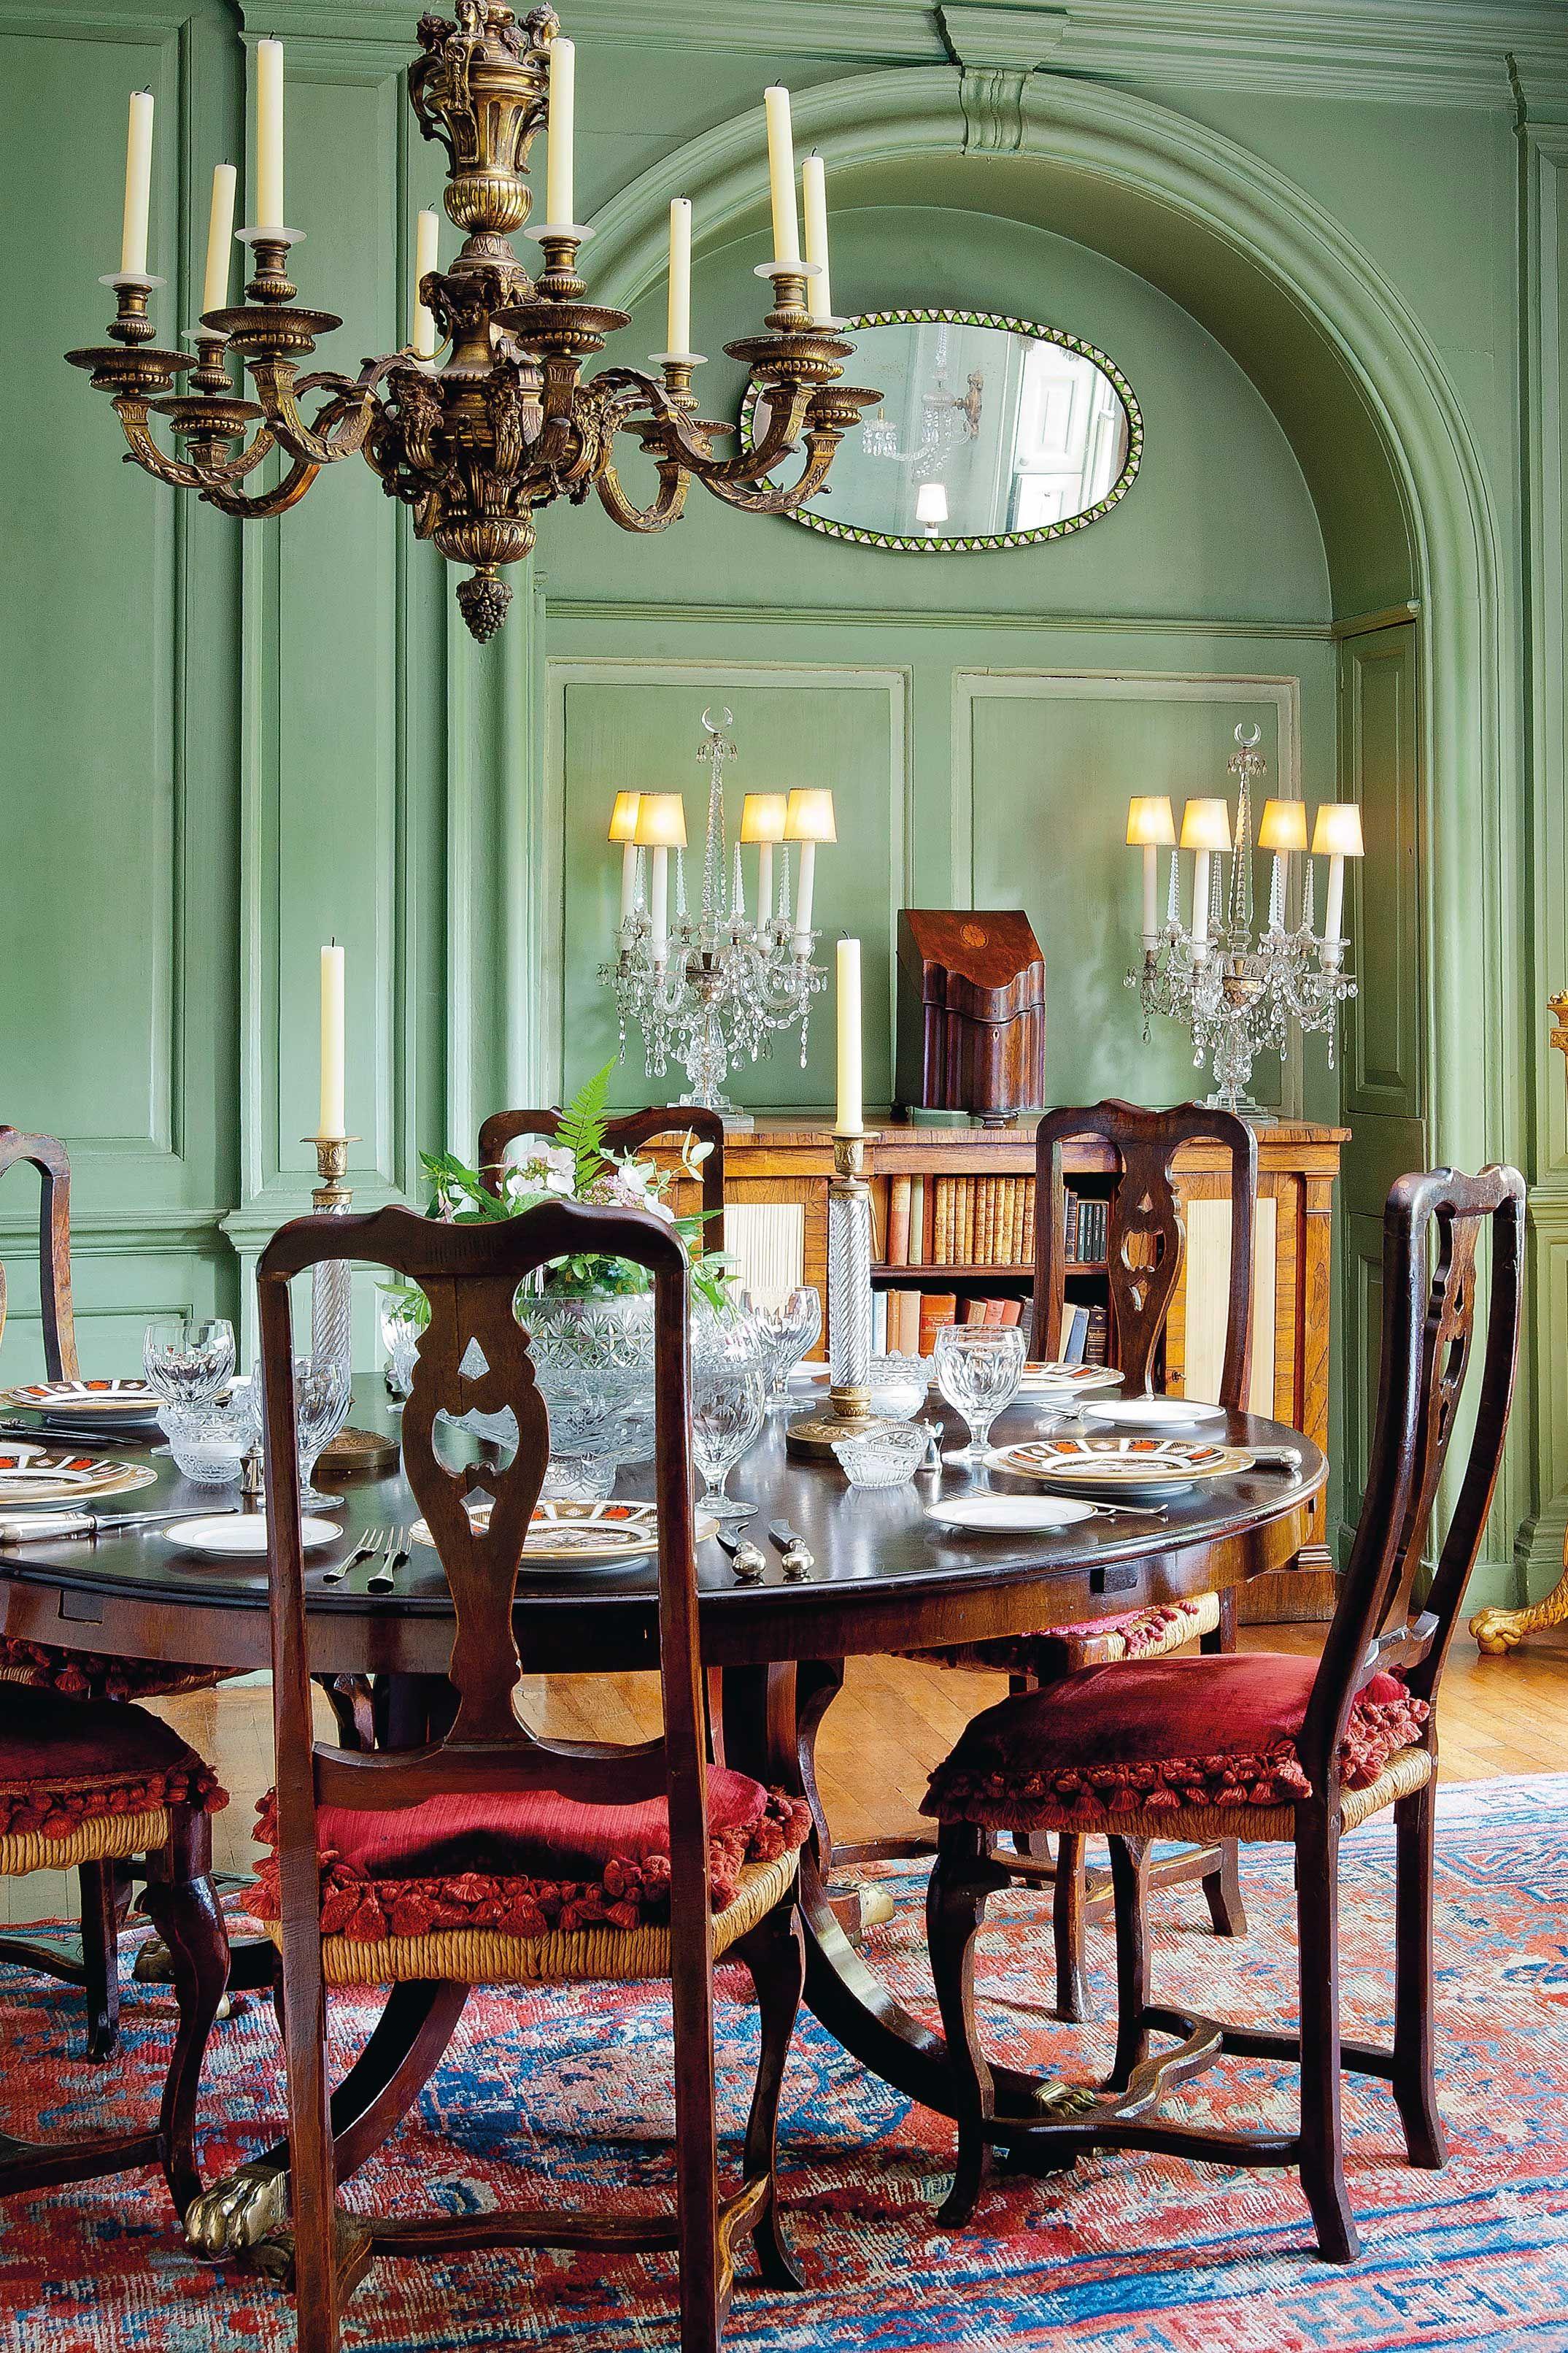 Helles Grün Im Manor House #wandfarbe #streichen Www.meinewand.de